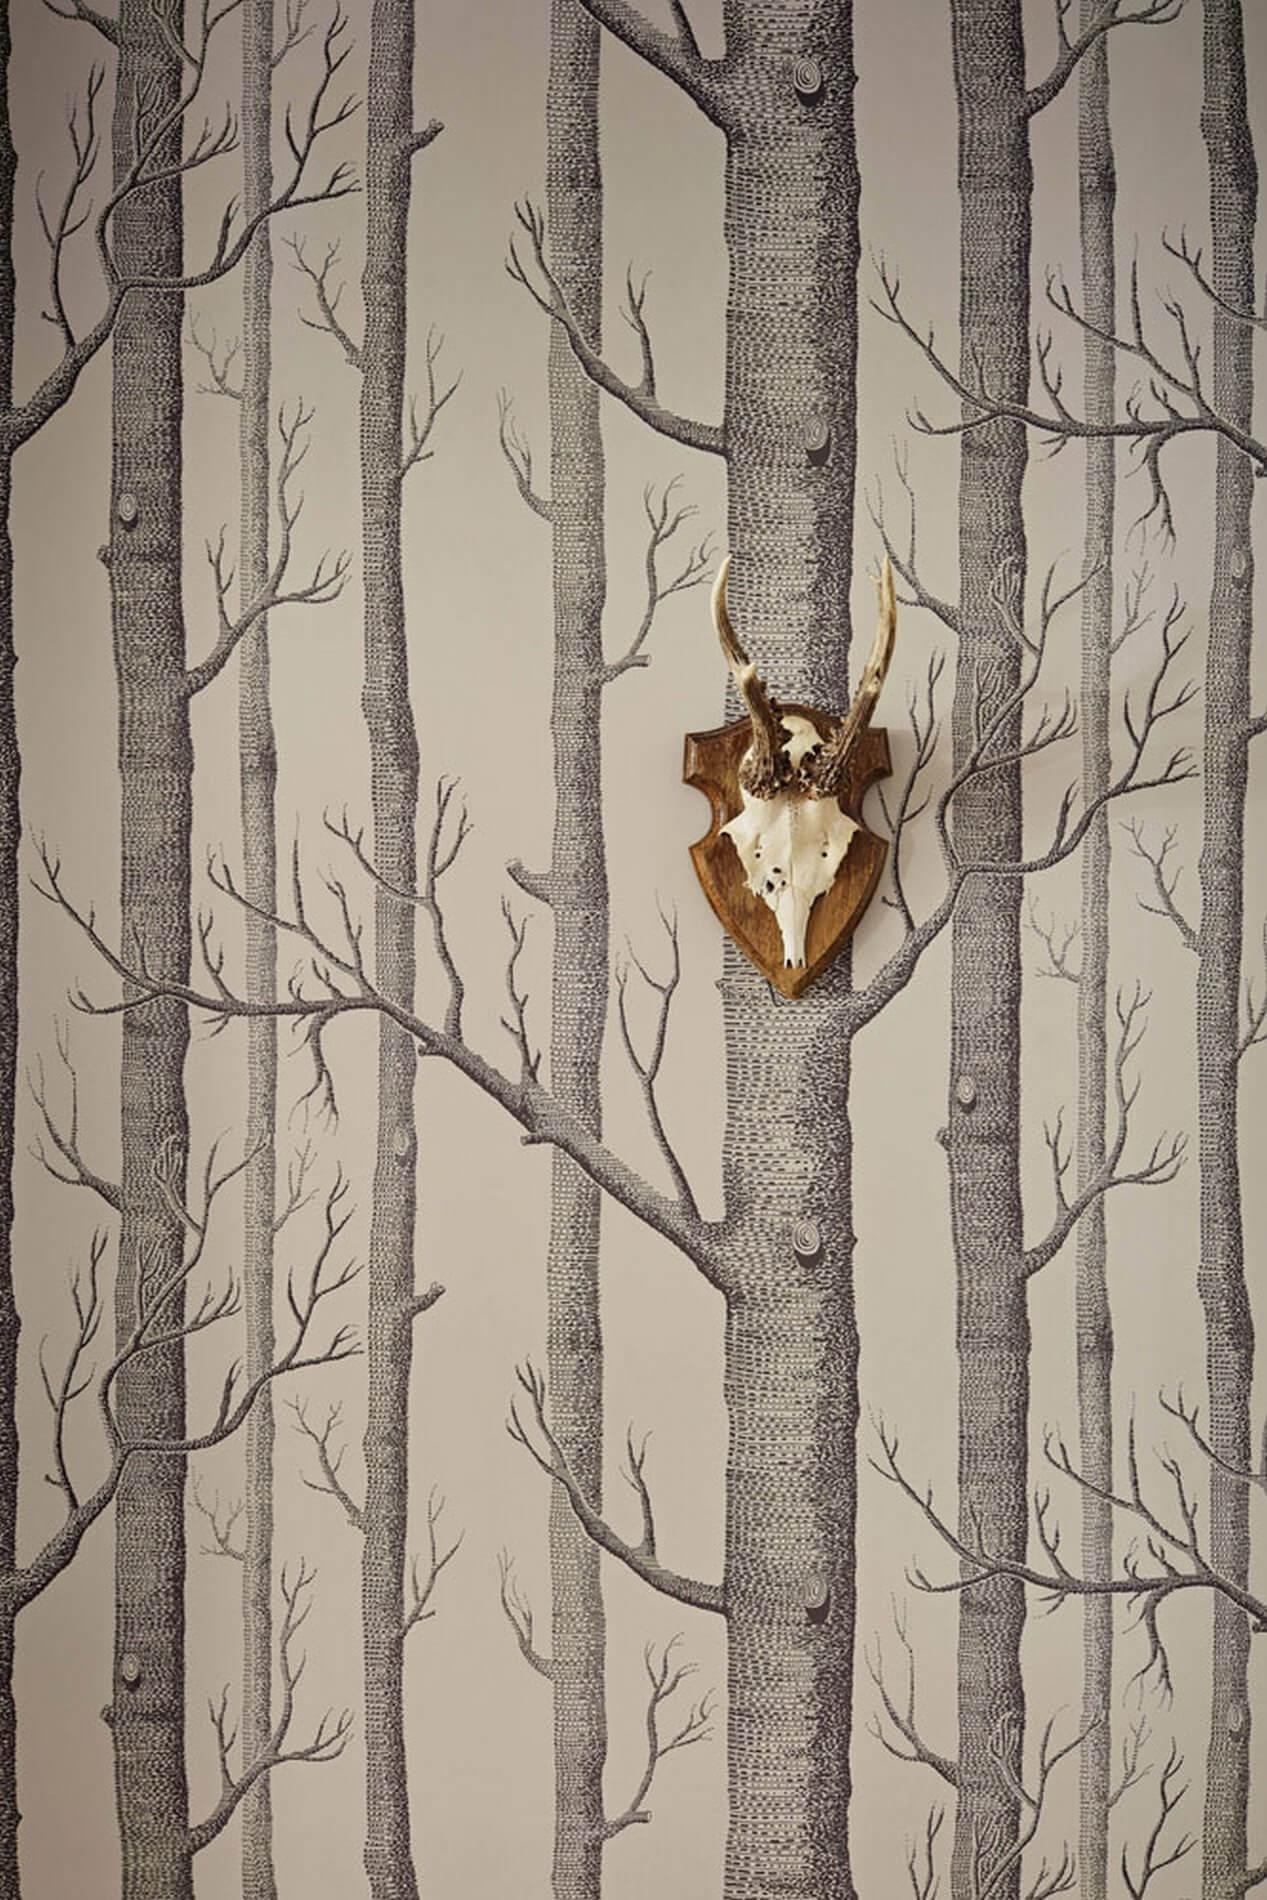 Tapeta w brzozy i gruszki aranżacje do skandynawskich wnętrz Cole & Son Icons 112/3009 Woods